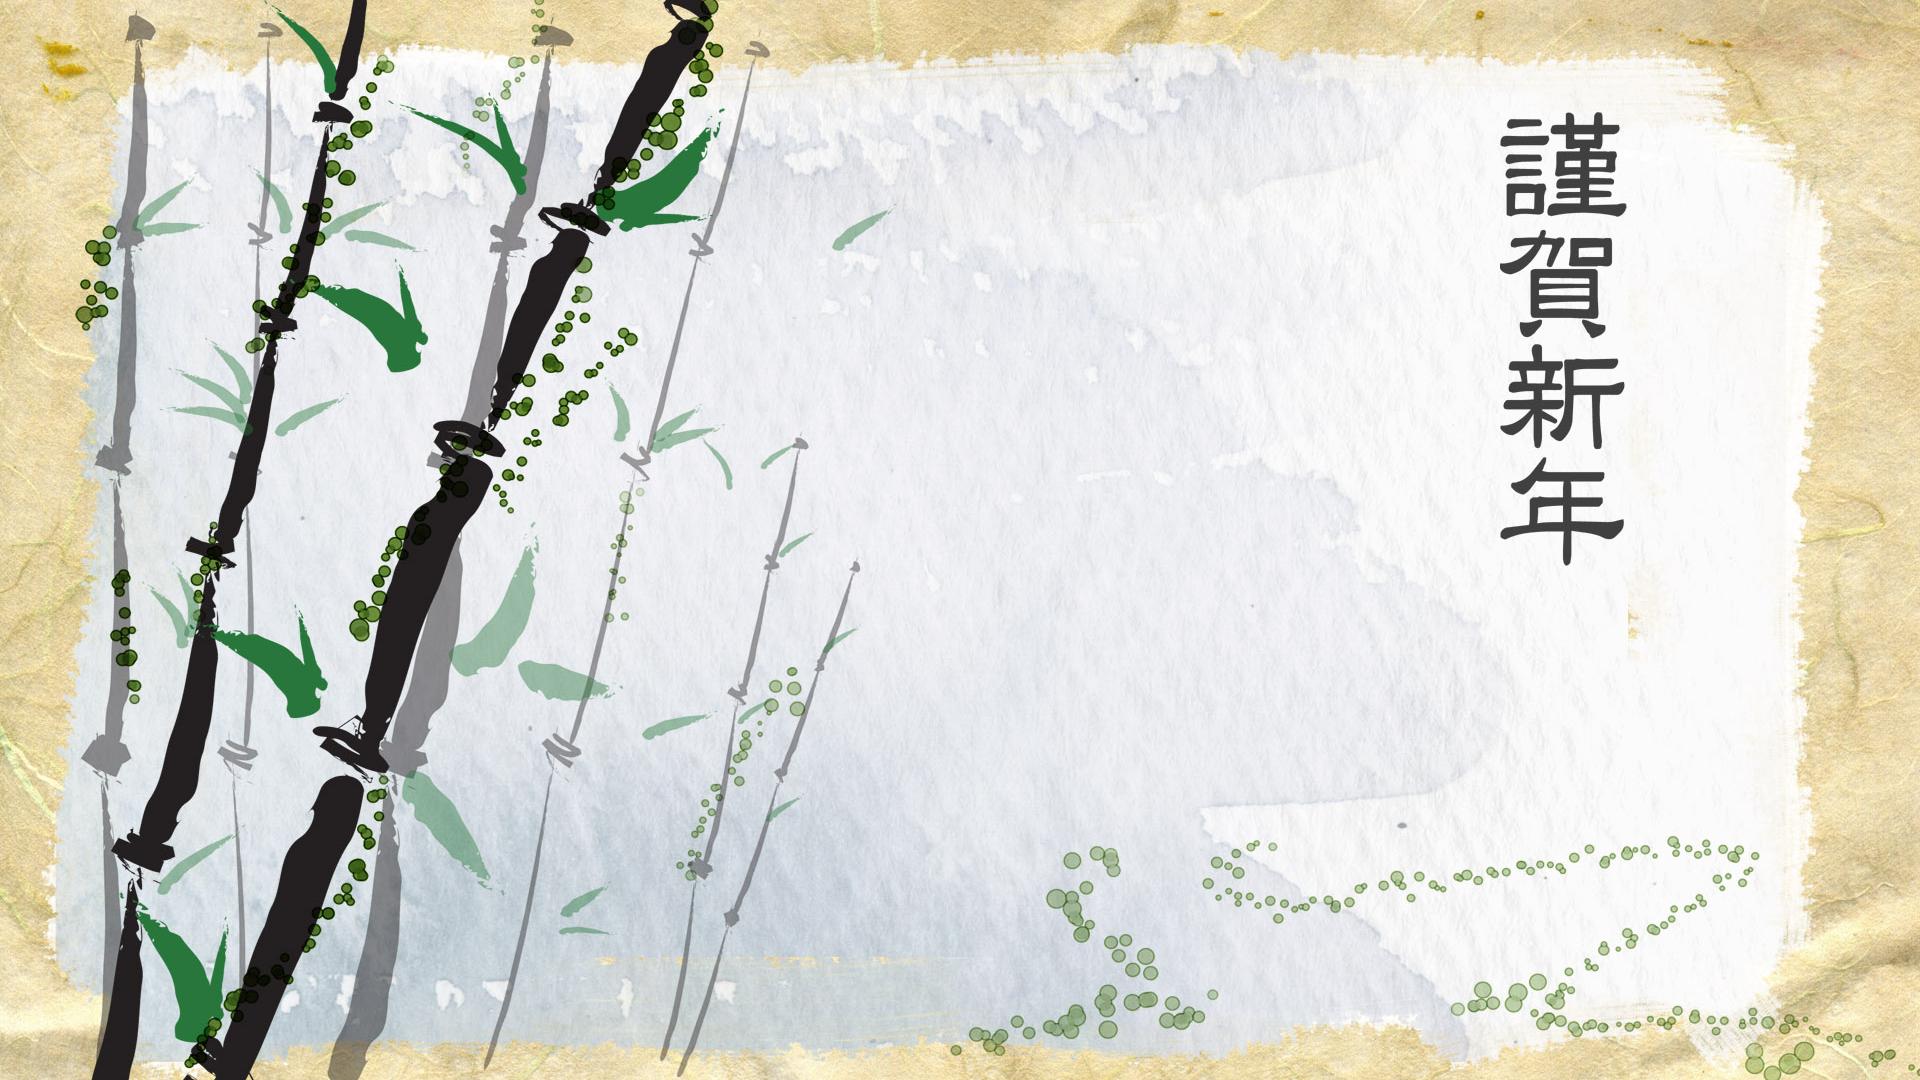 Free download Japanese Art Wallpaper ...